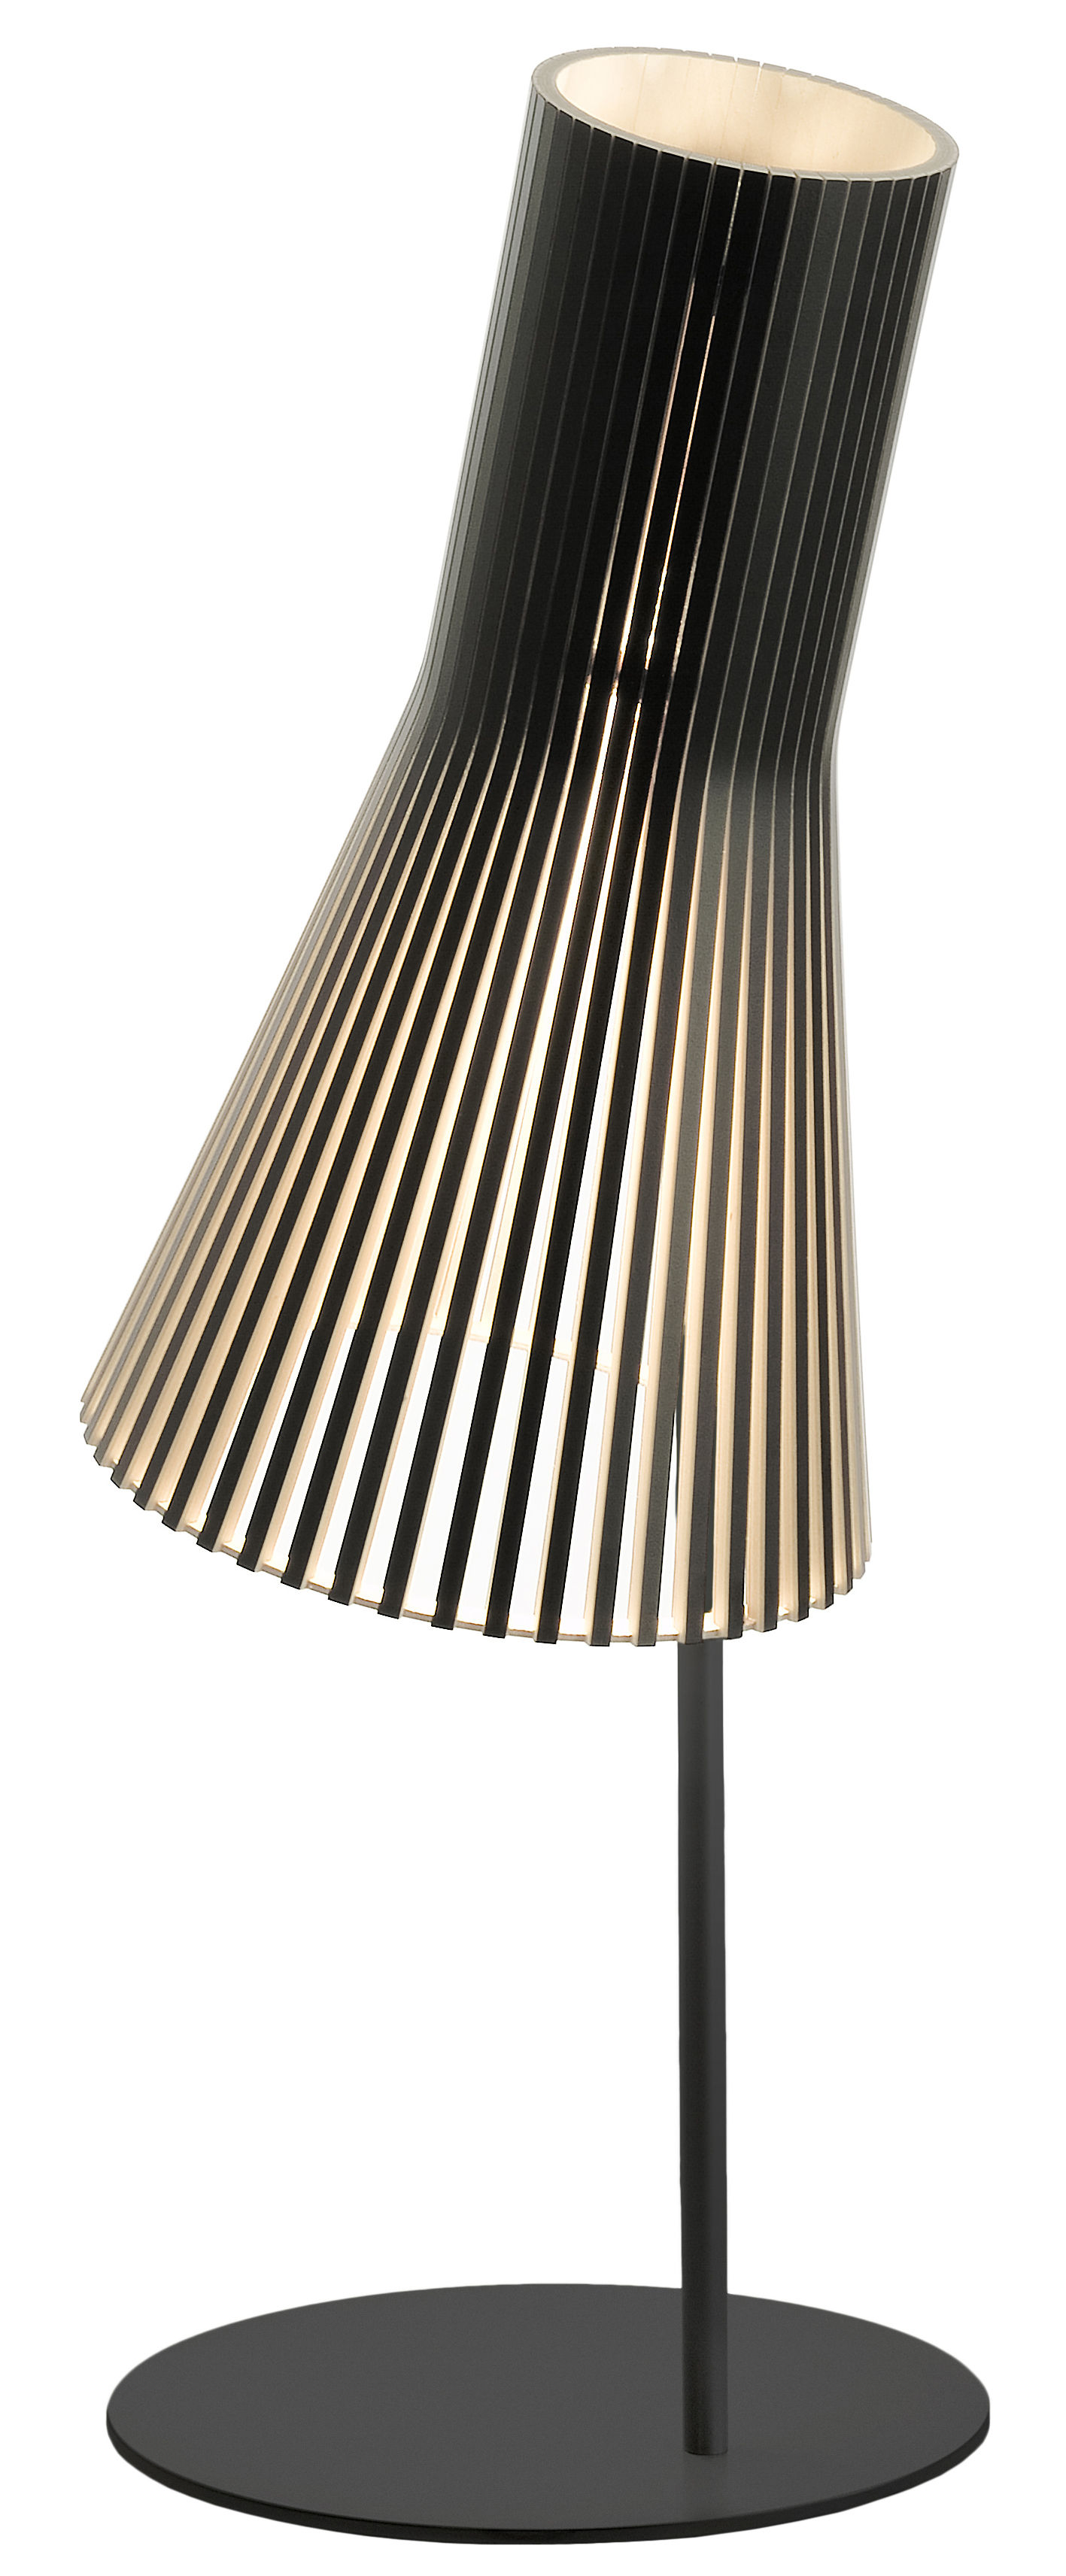 Leuchten - Tischleuchten - Secto Tischleuchte / H 75 cm - Secto Design - Schwarz / Gestell schwarz - Birkenlatten, Metall